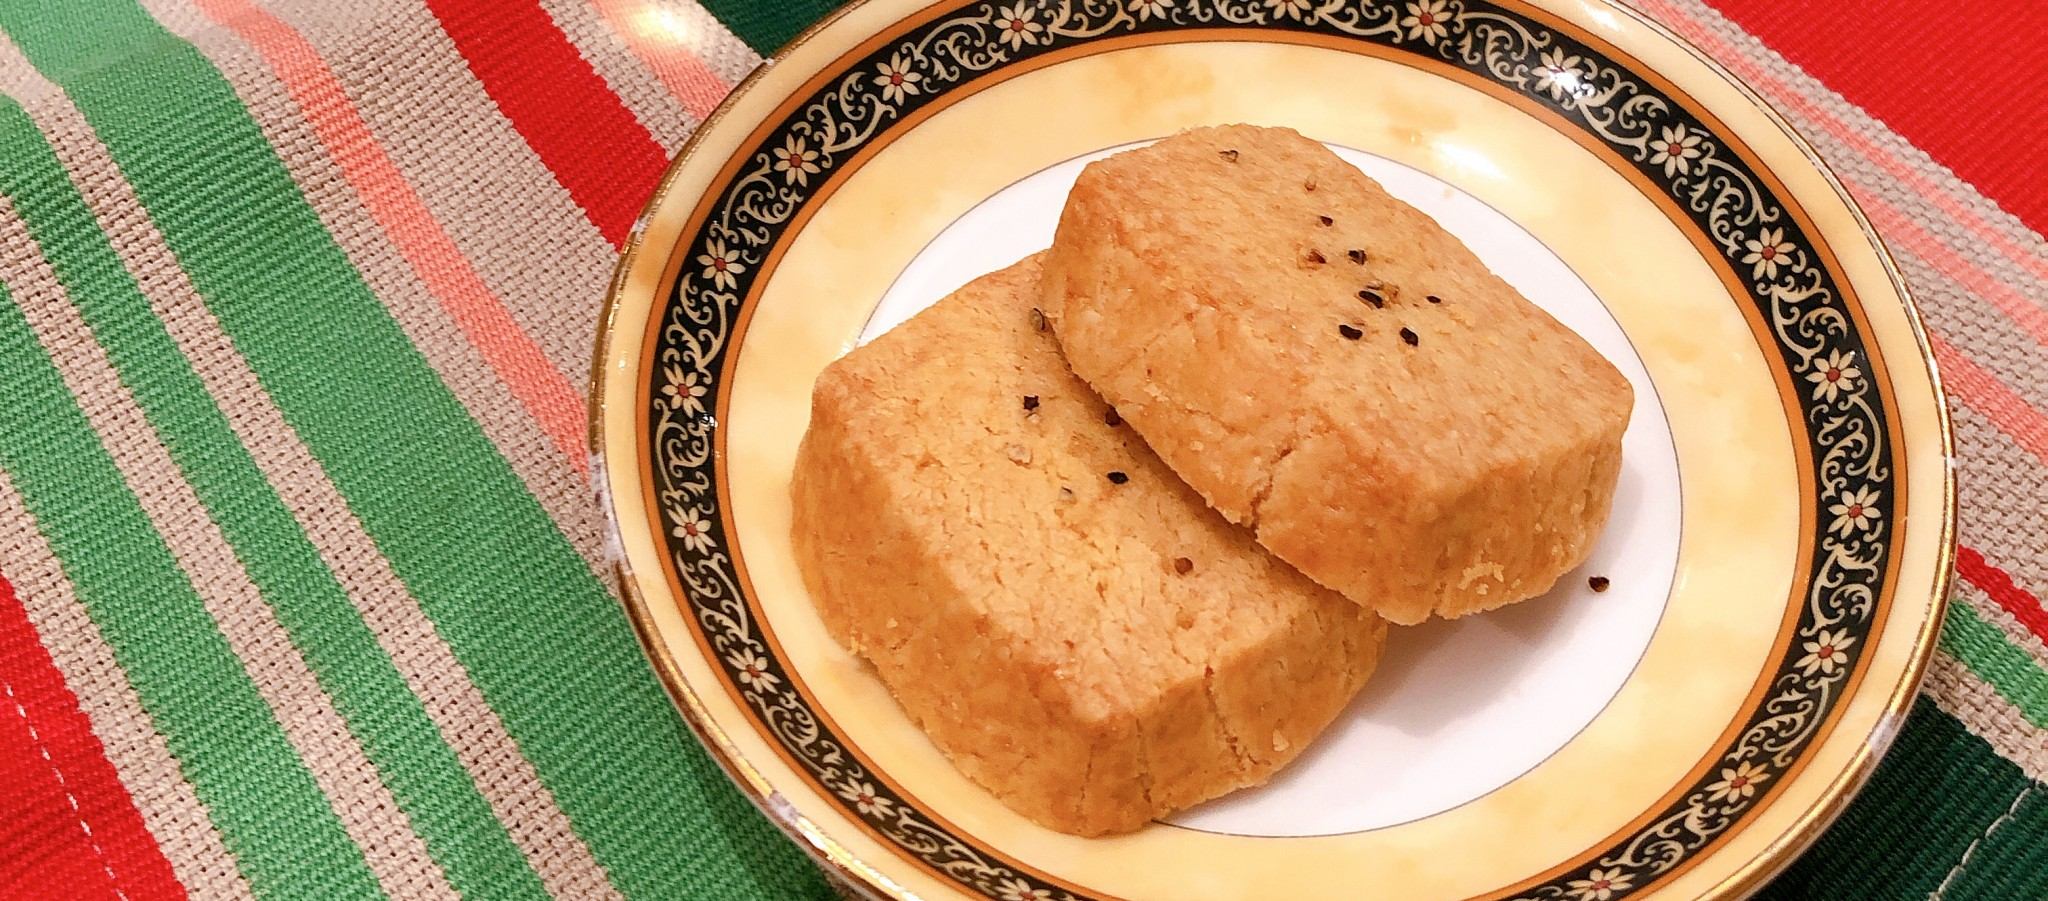 長野にあるチーズ店〈アトリエ・ド・フロマージュ〉の「チーズクッキー」~眞鍋かをりの『即決!2000円で美味しいお取り寄せ』第50回~